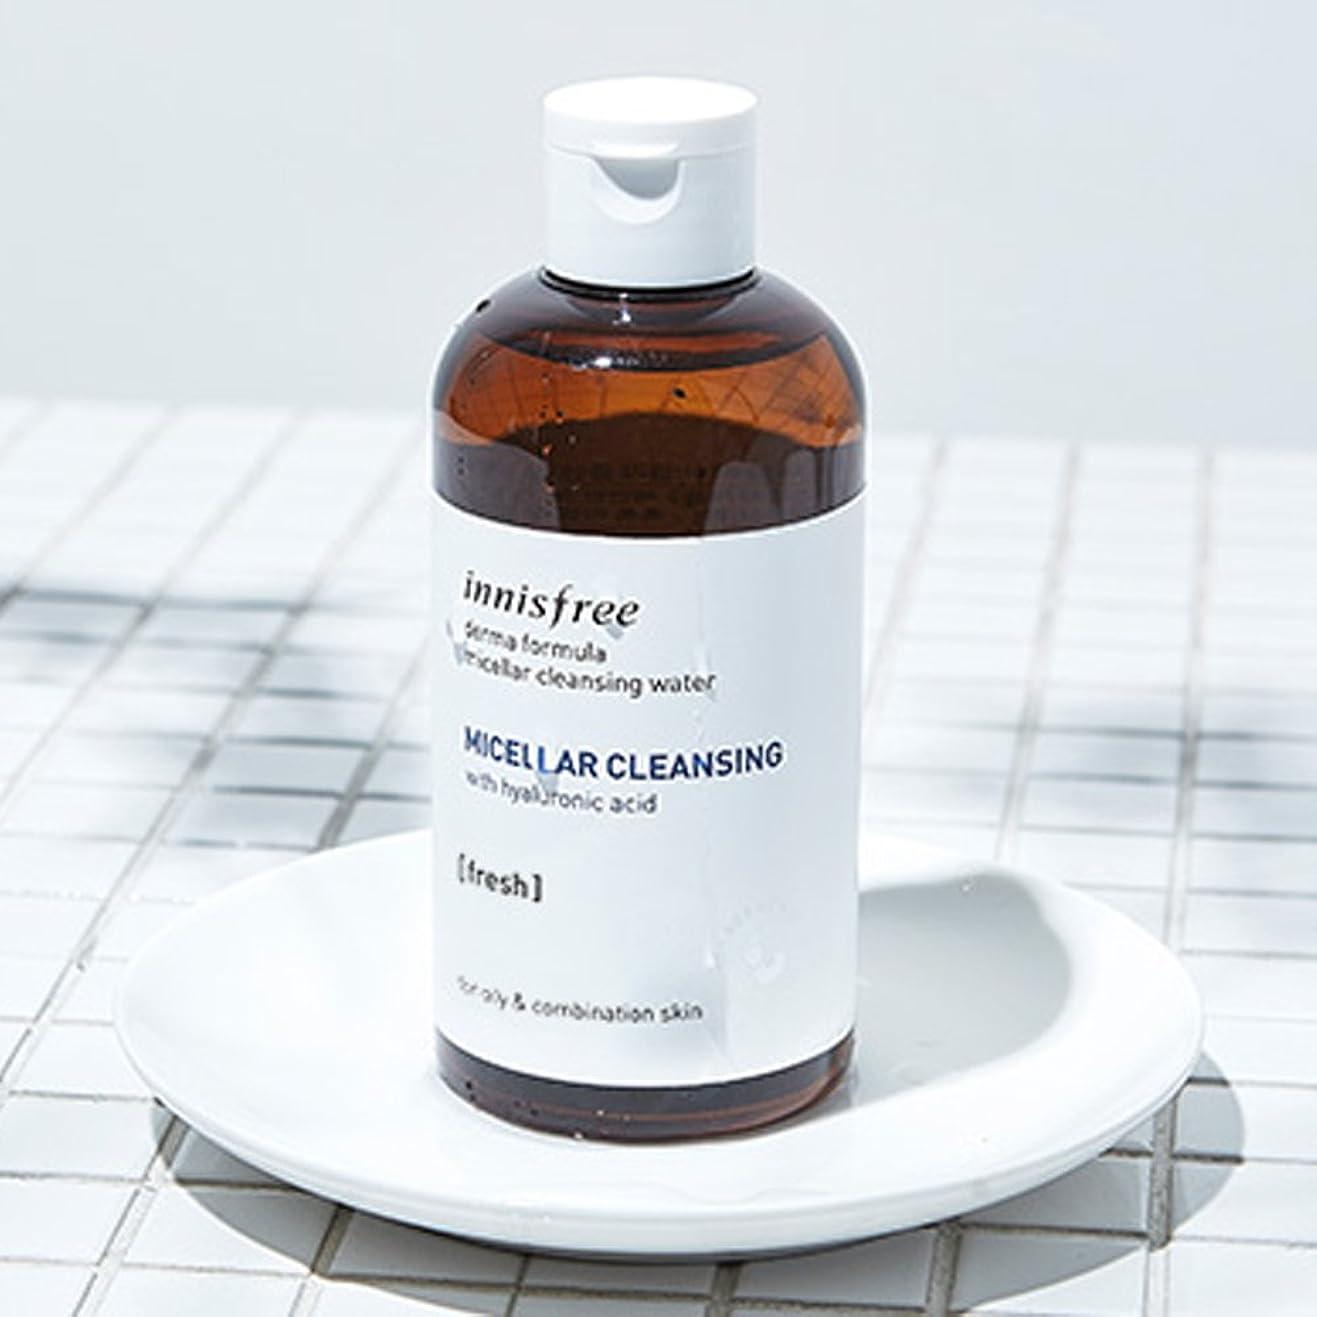 販売員発掘懐疑的イニスフリーダーマフォーミュラミセルクレンジングウォーター250ml Innisfree Derma Formula Micellar Cleansing Water 250ml [海外直送品][並行輸入品] (#2. Fresh)